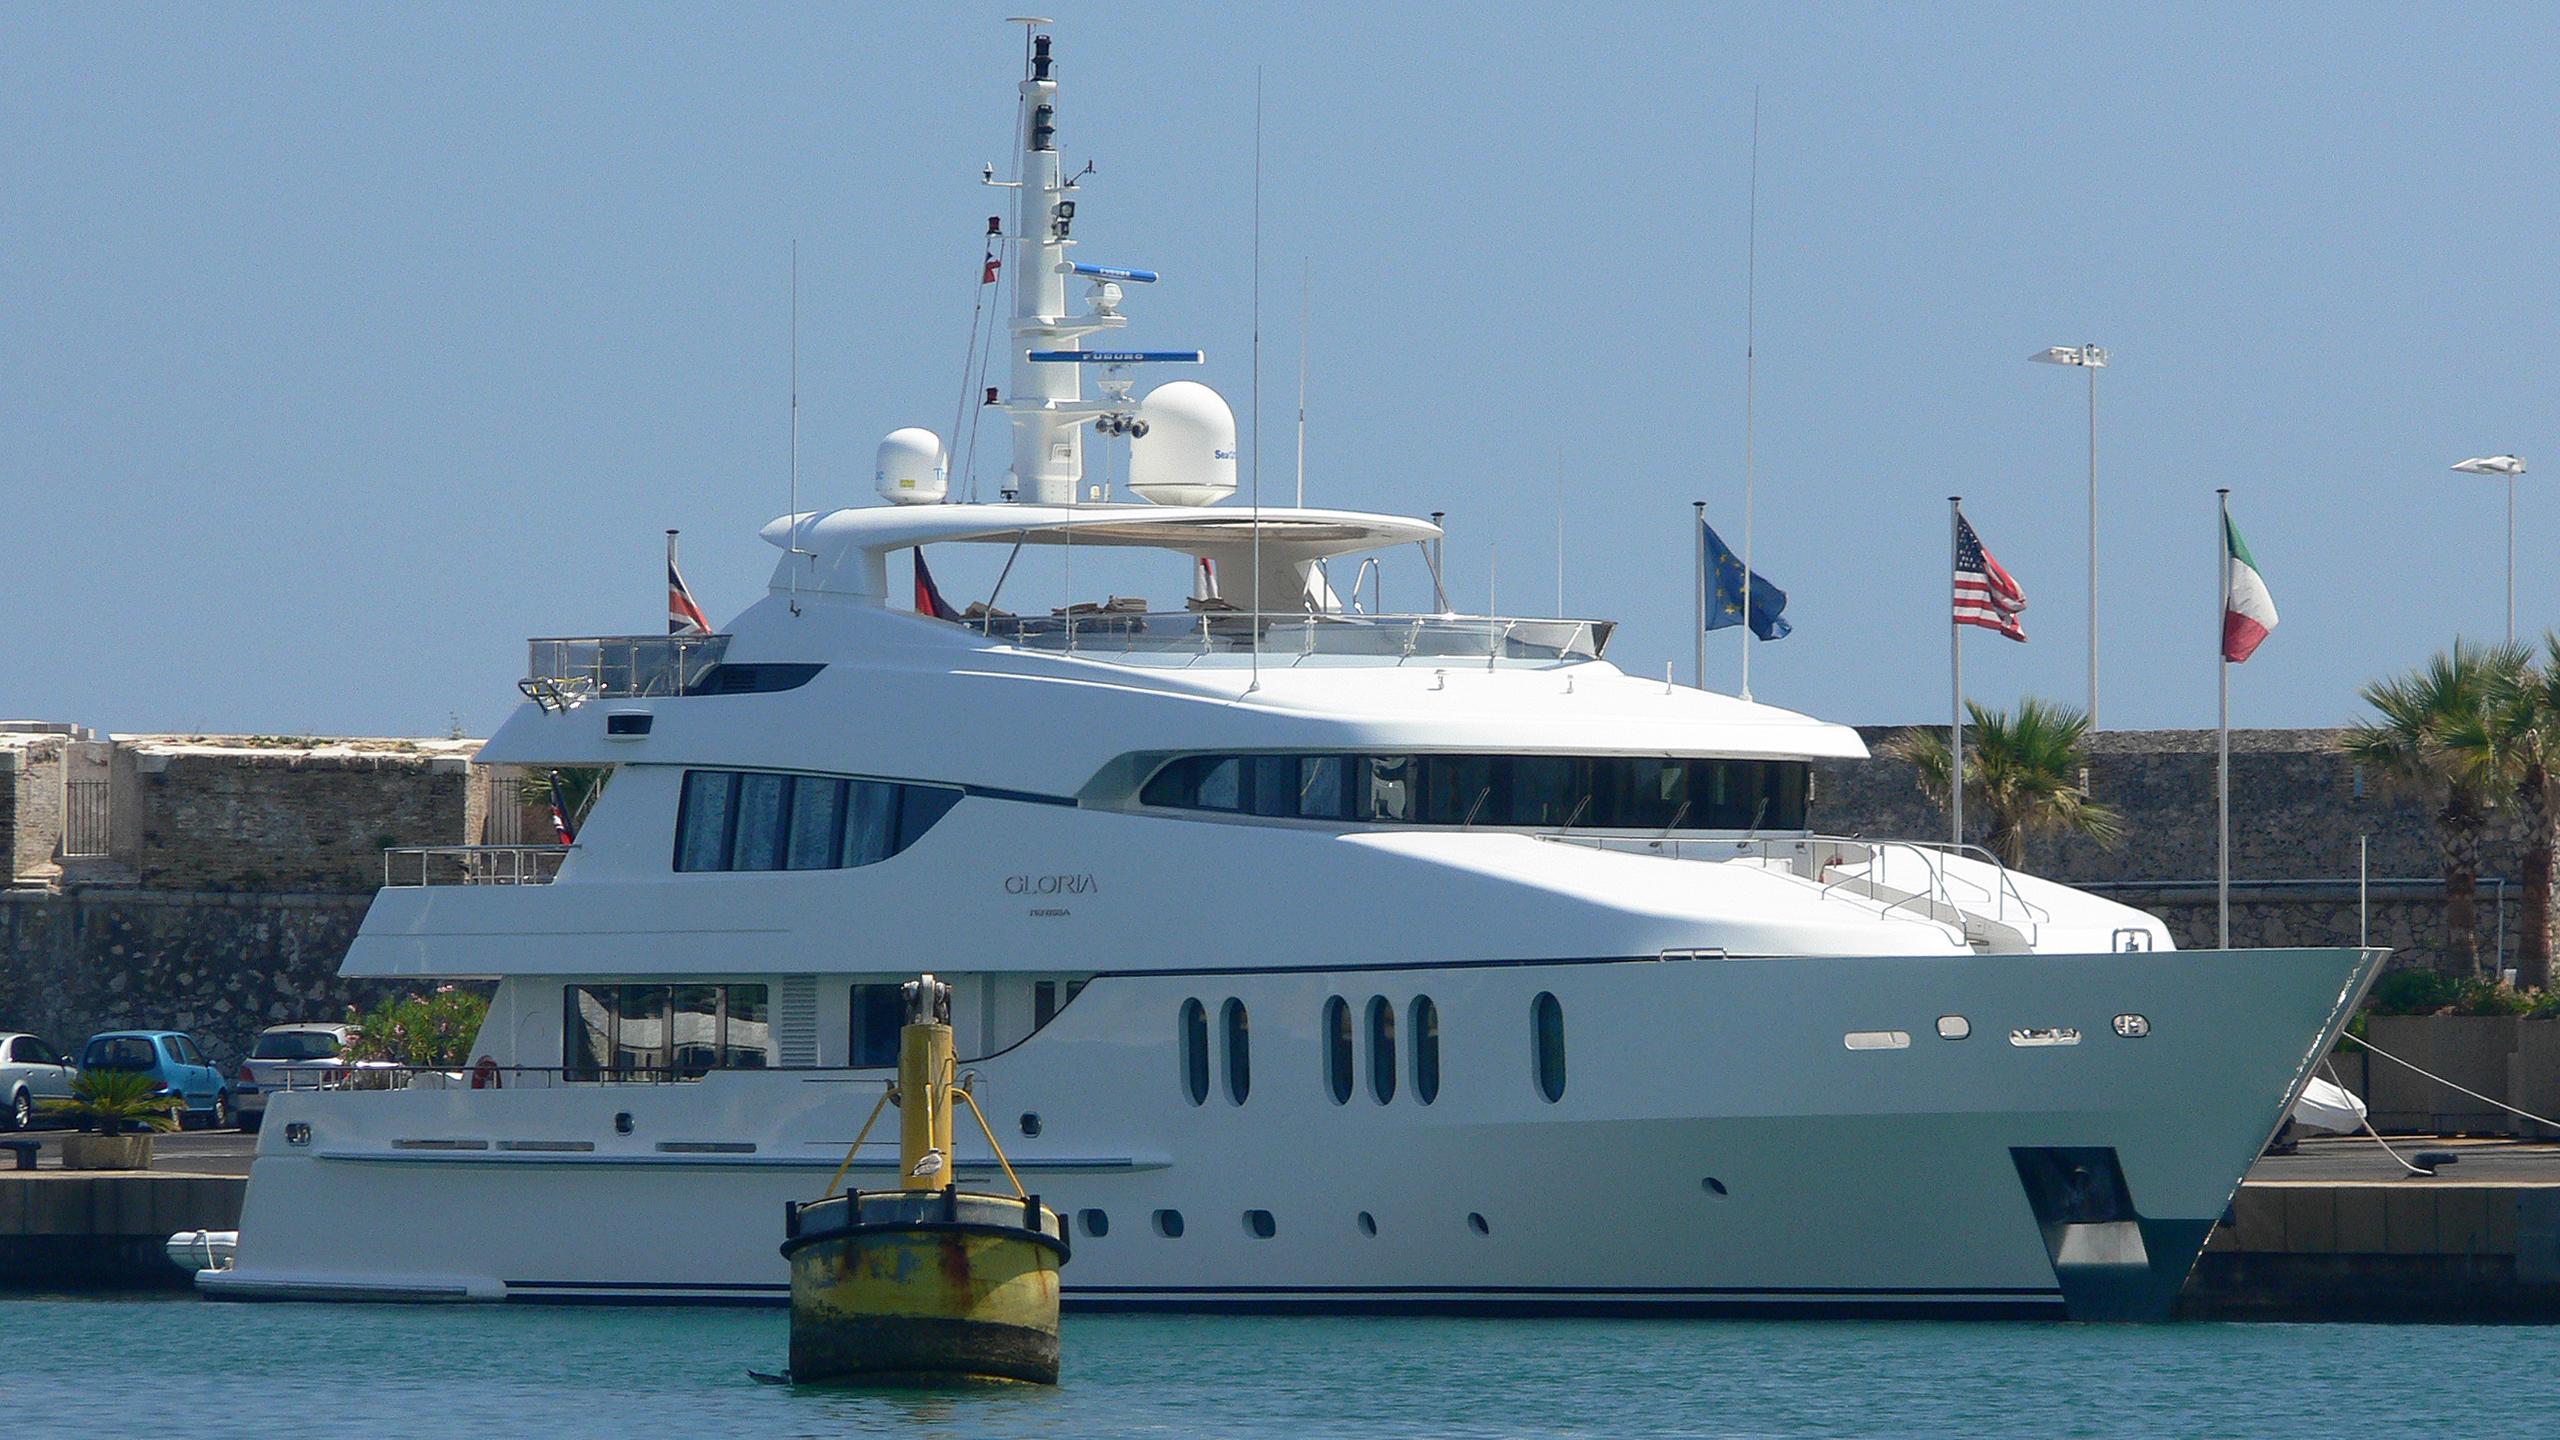 gloria-teresa-yacht-exterior